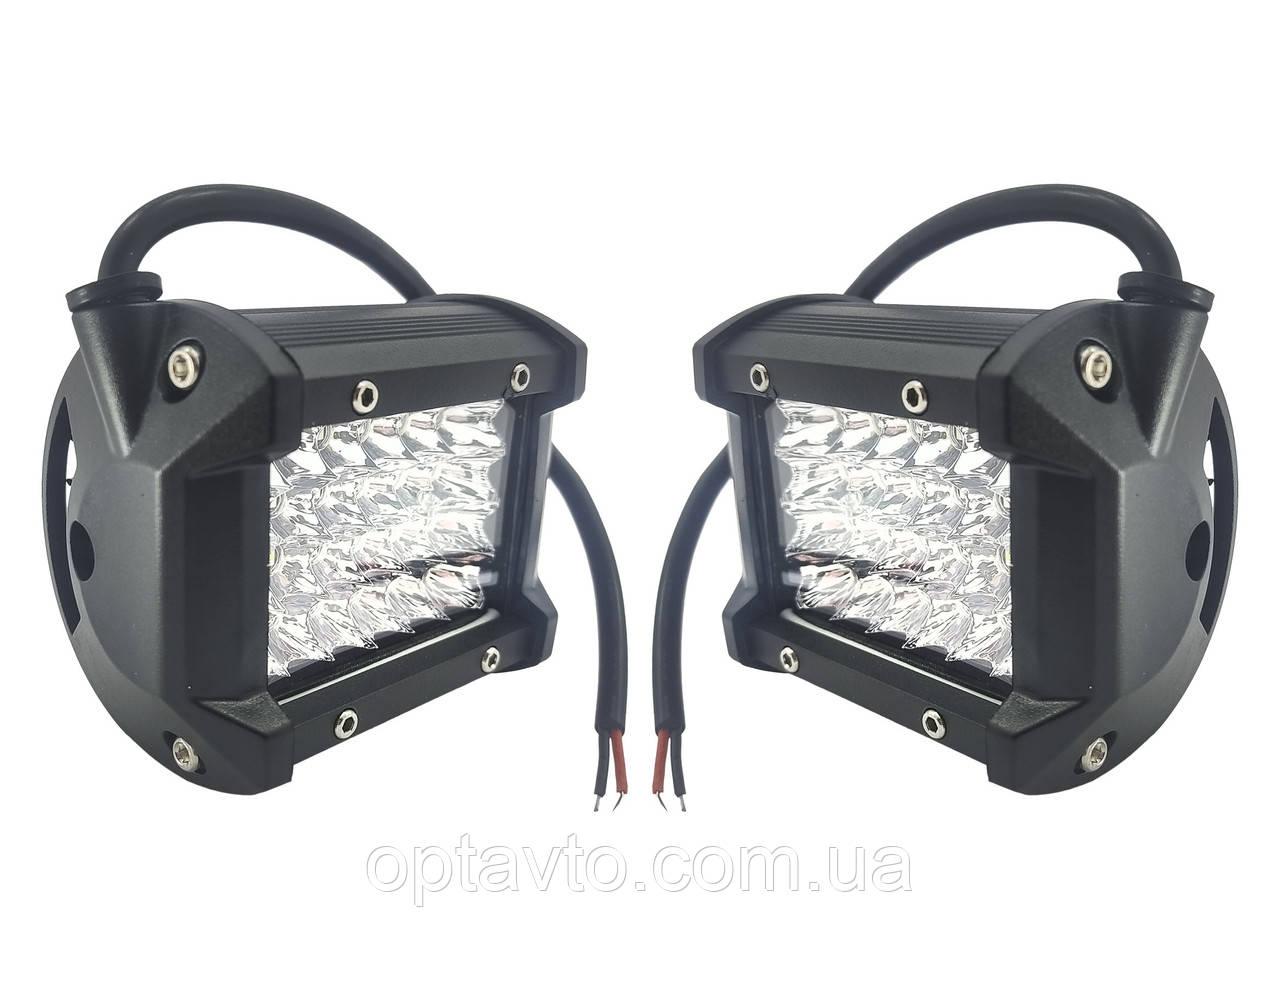 Комплект мощных прожекторных лэд фар, каждая на 24 диода. H - 72W S.12-80V. Пр-во Корея